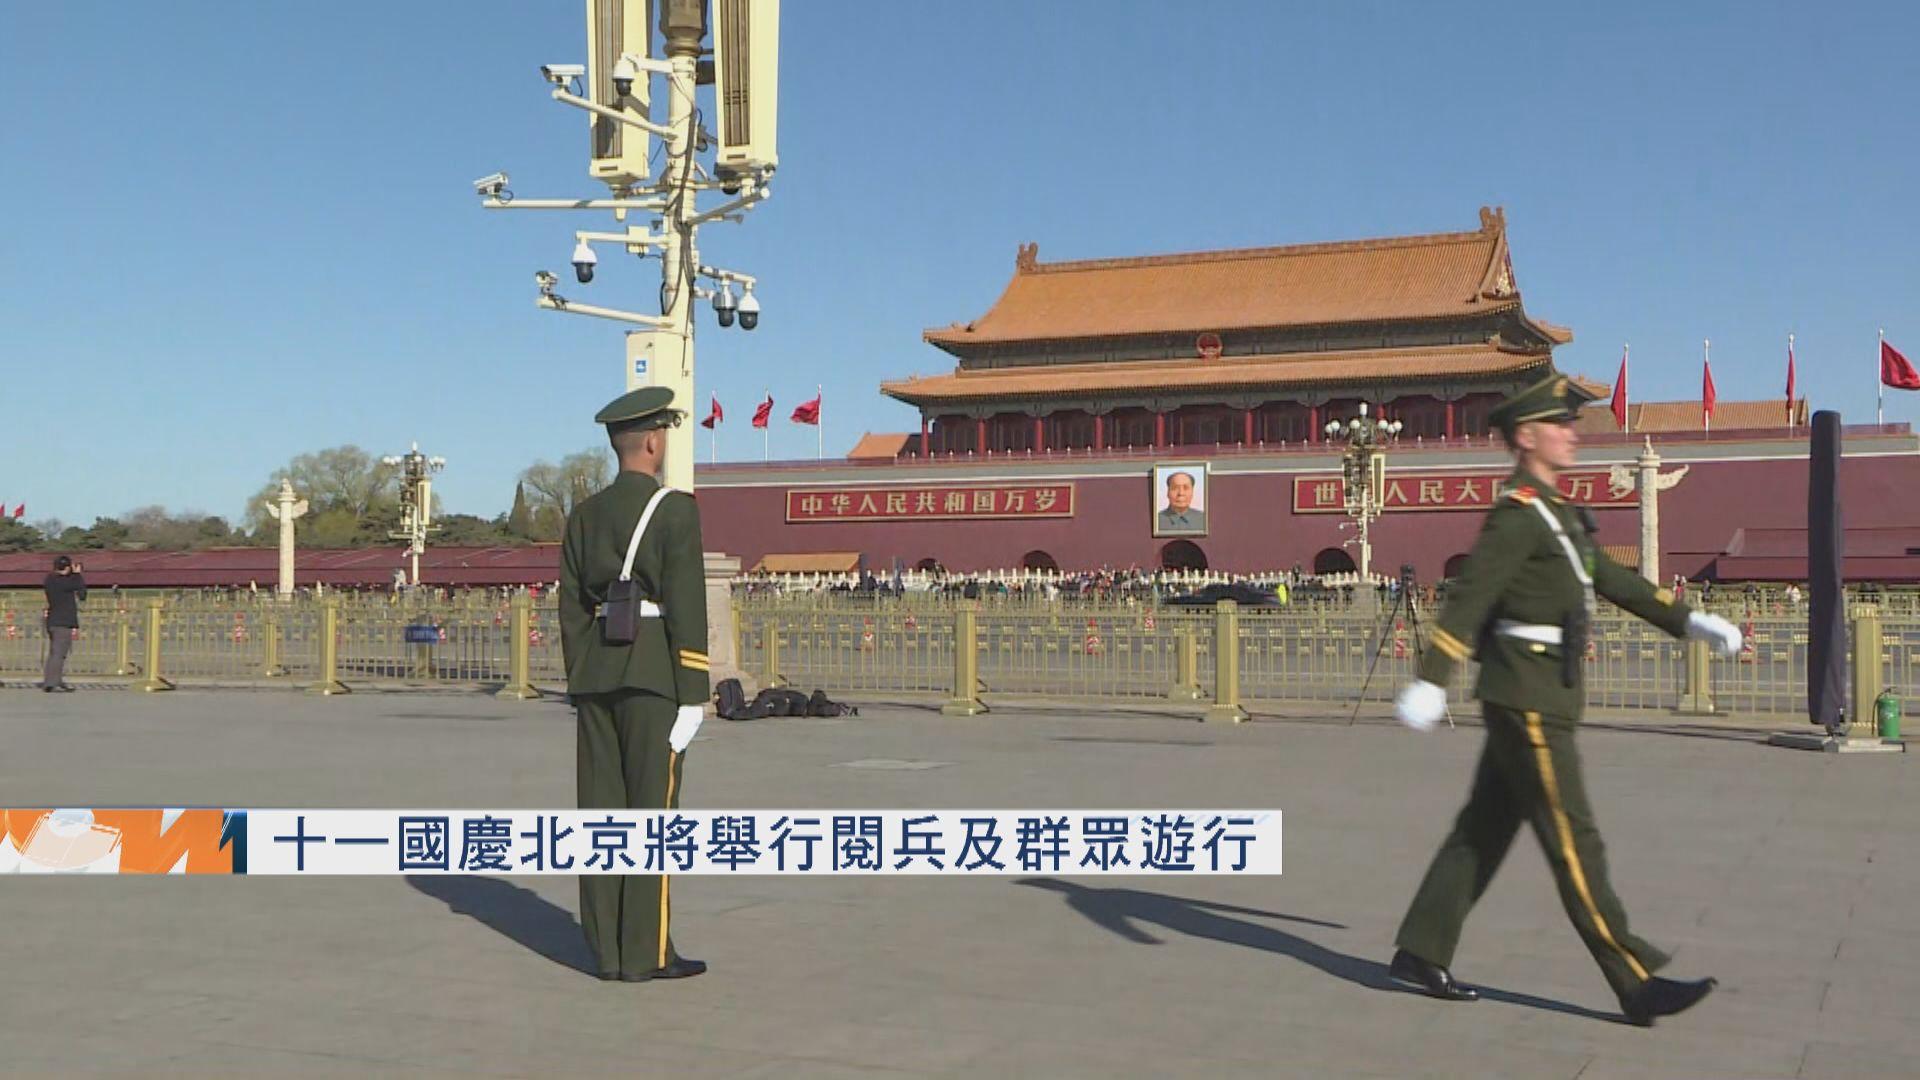 十一國慶北京將舉行閱兵及群眾遊行